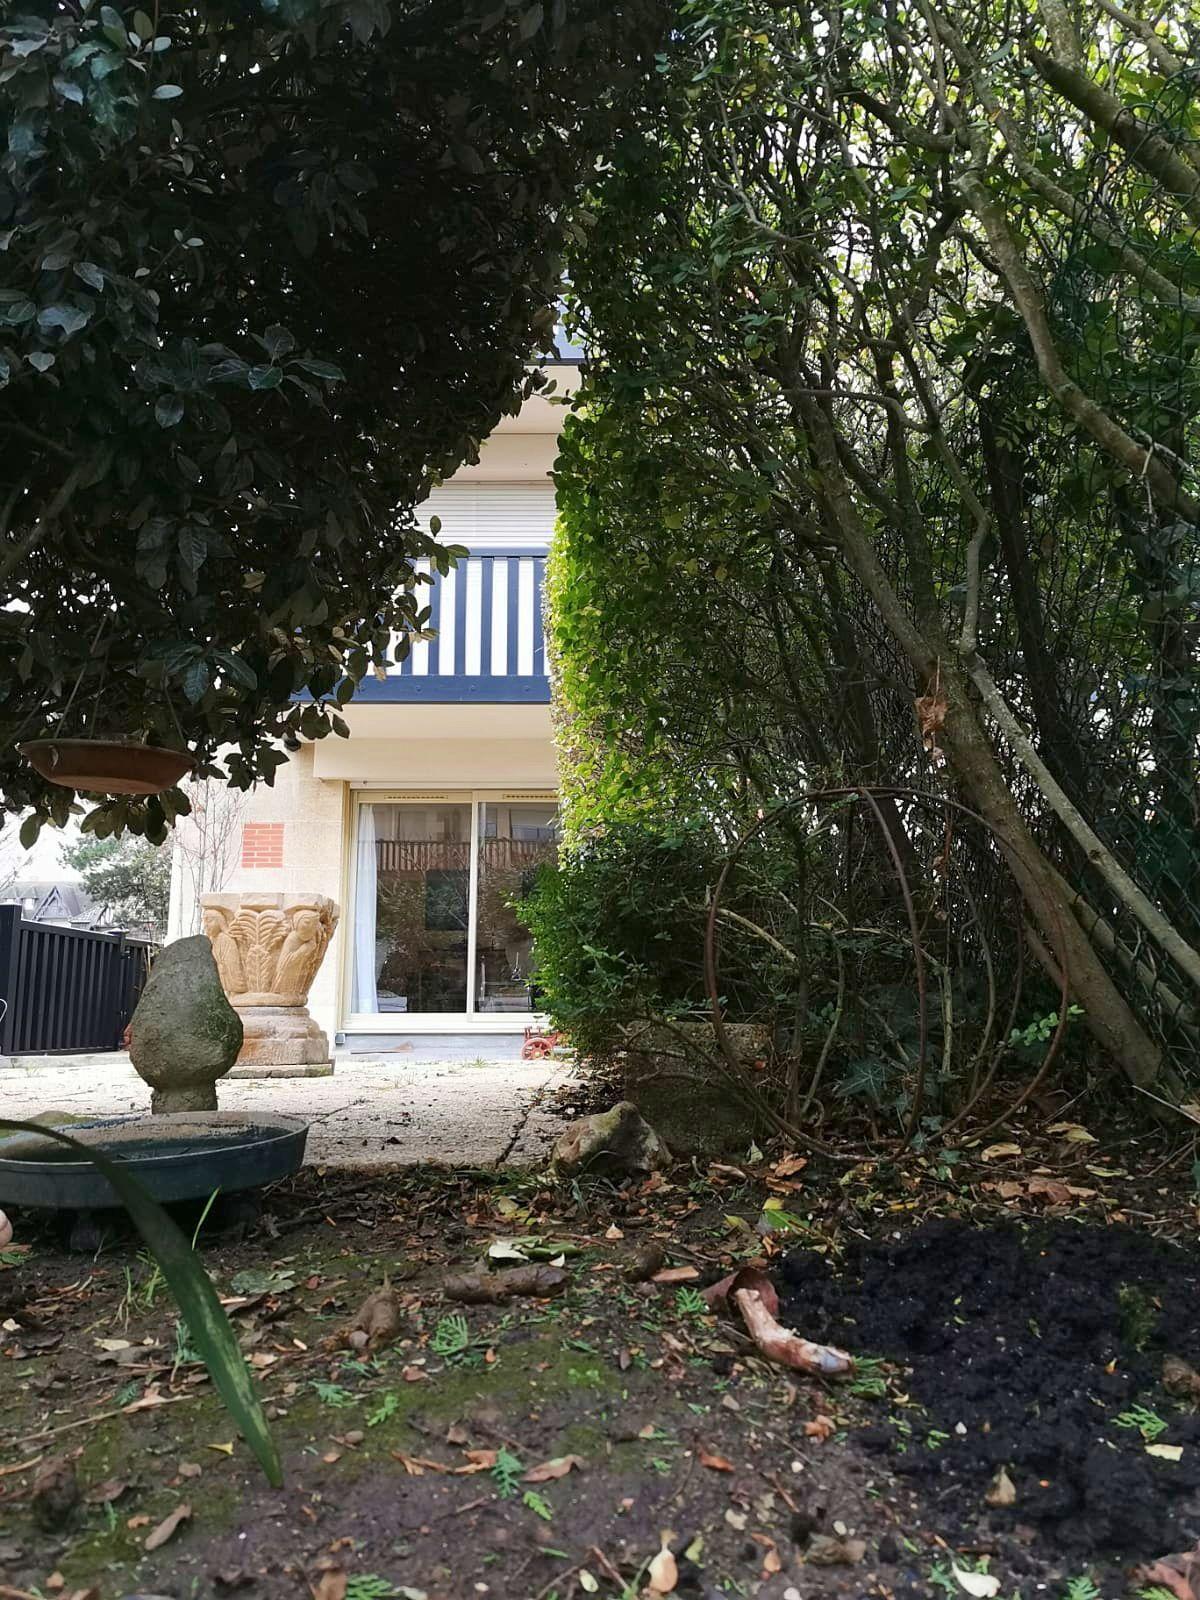 Vends appartement 2pièces 48m² et 75m² de terrasse + boxe voiture - Deauville (14)